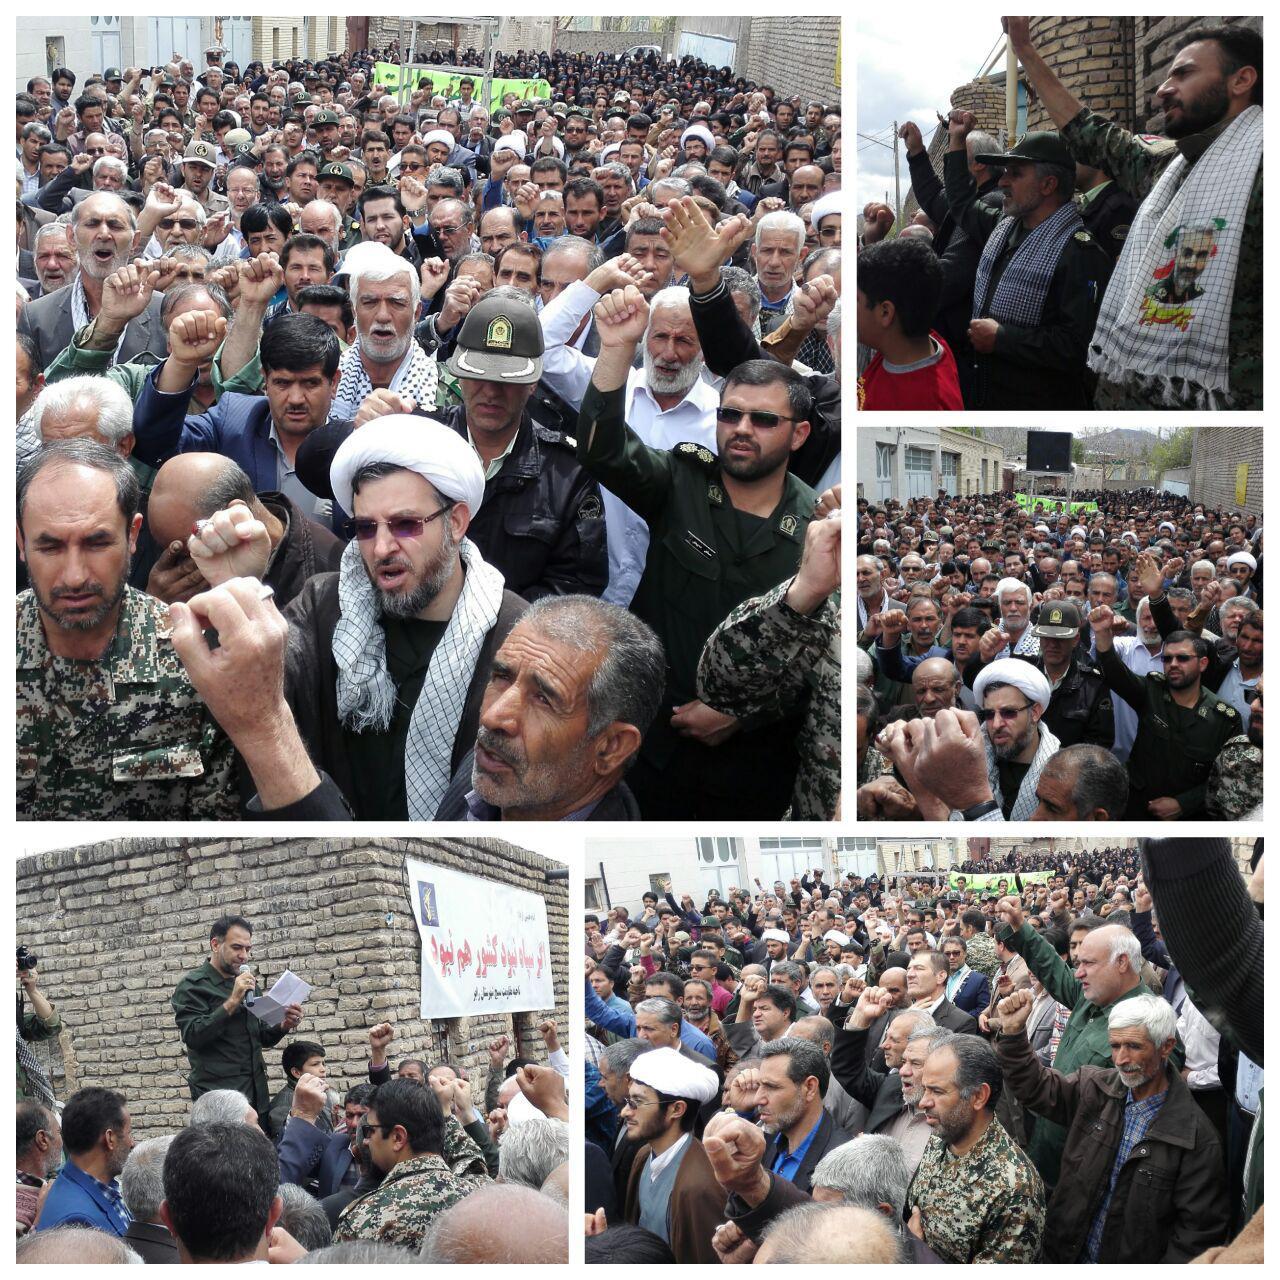 نمازگزاران زادگاه سردار سلیمانی در حمایت از سپاه پاسداران یکصدا شعار مرگ بر آمریکا  سر دادند